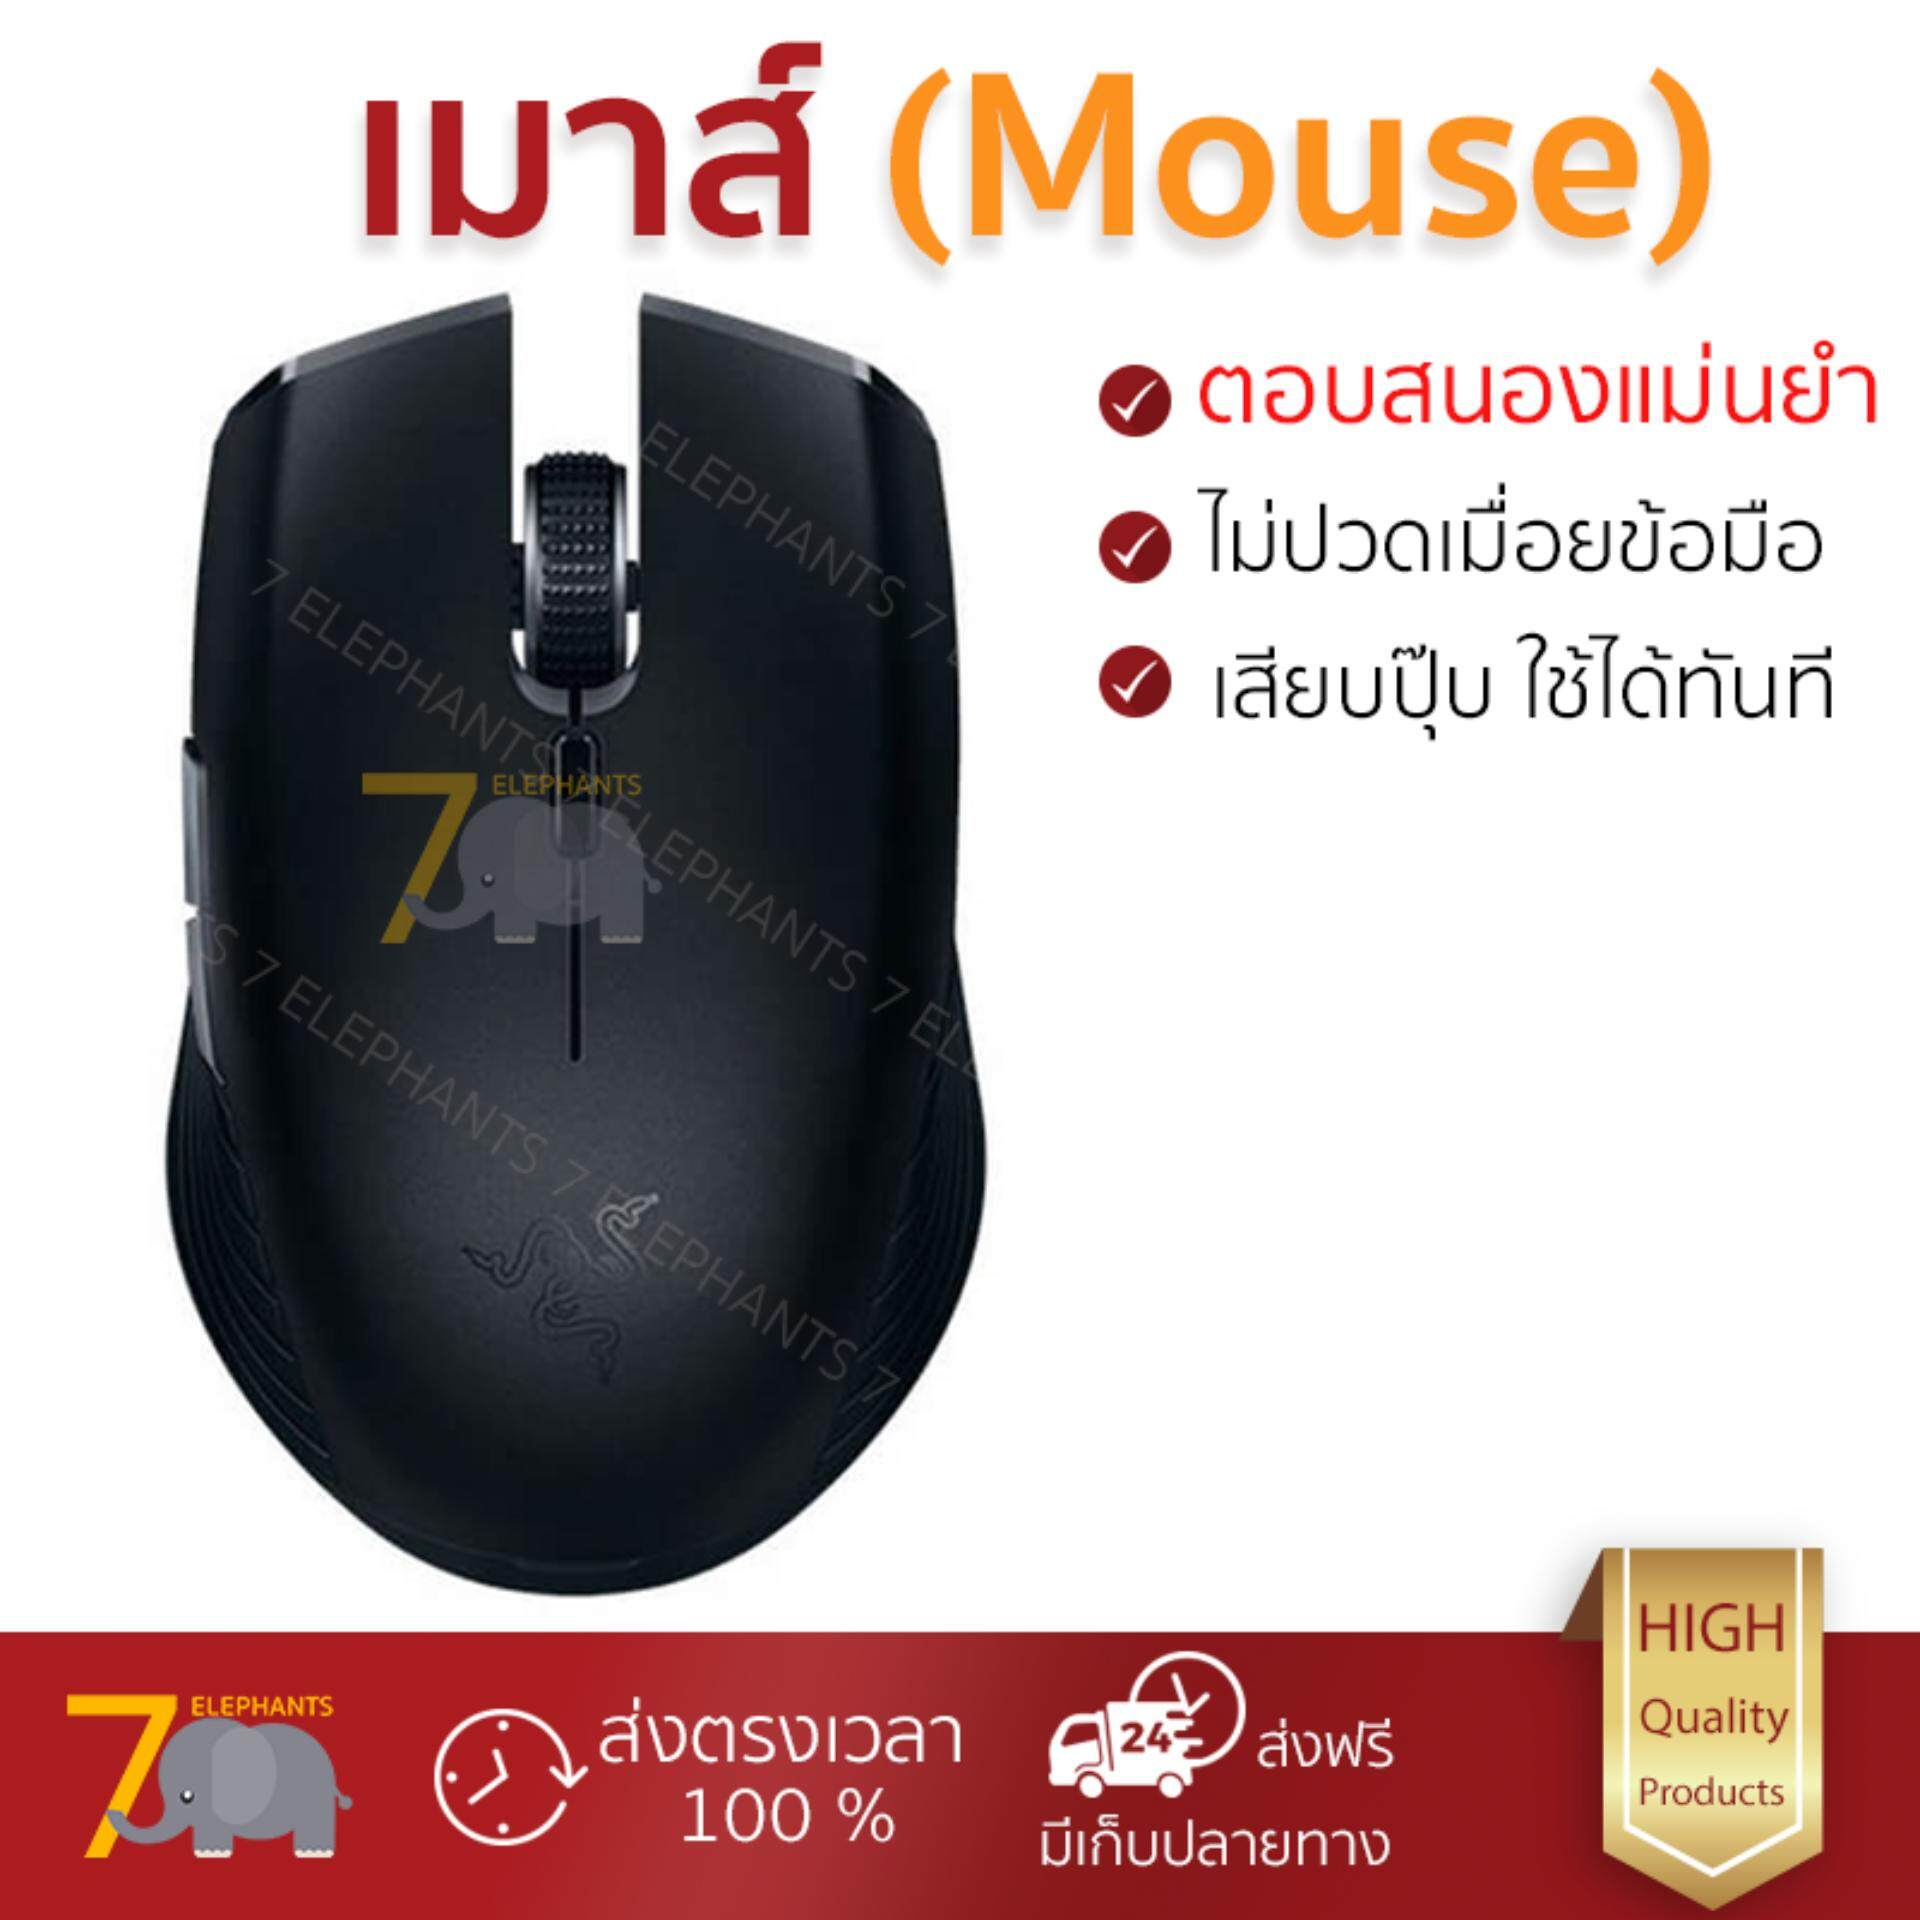 ลดสุดๆ รุ่นใหม่ล่าสุด เมาส์           RAZER เมาส์เกมมิ่ง (สีดำ) รุ่น Atheris             เซนเซอร์คุณภาพสูง ทำงานได้ลื่นไหล ไม่มีสะดุด Computer Mouse  รับประกันสินค้า 1 ปี จัดส่งฟรี Kerry ทั่วประเทศ